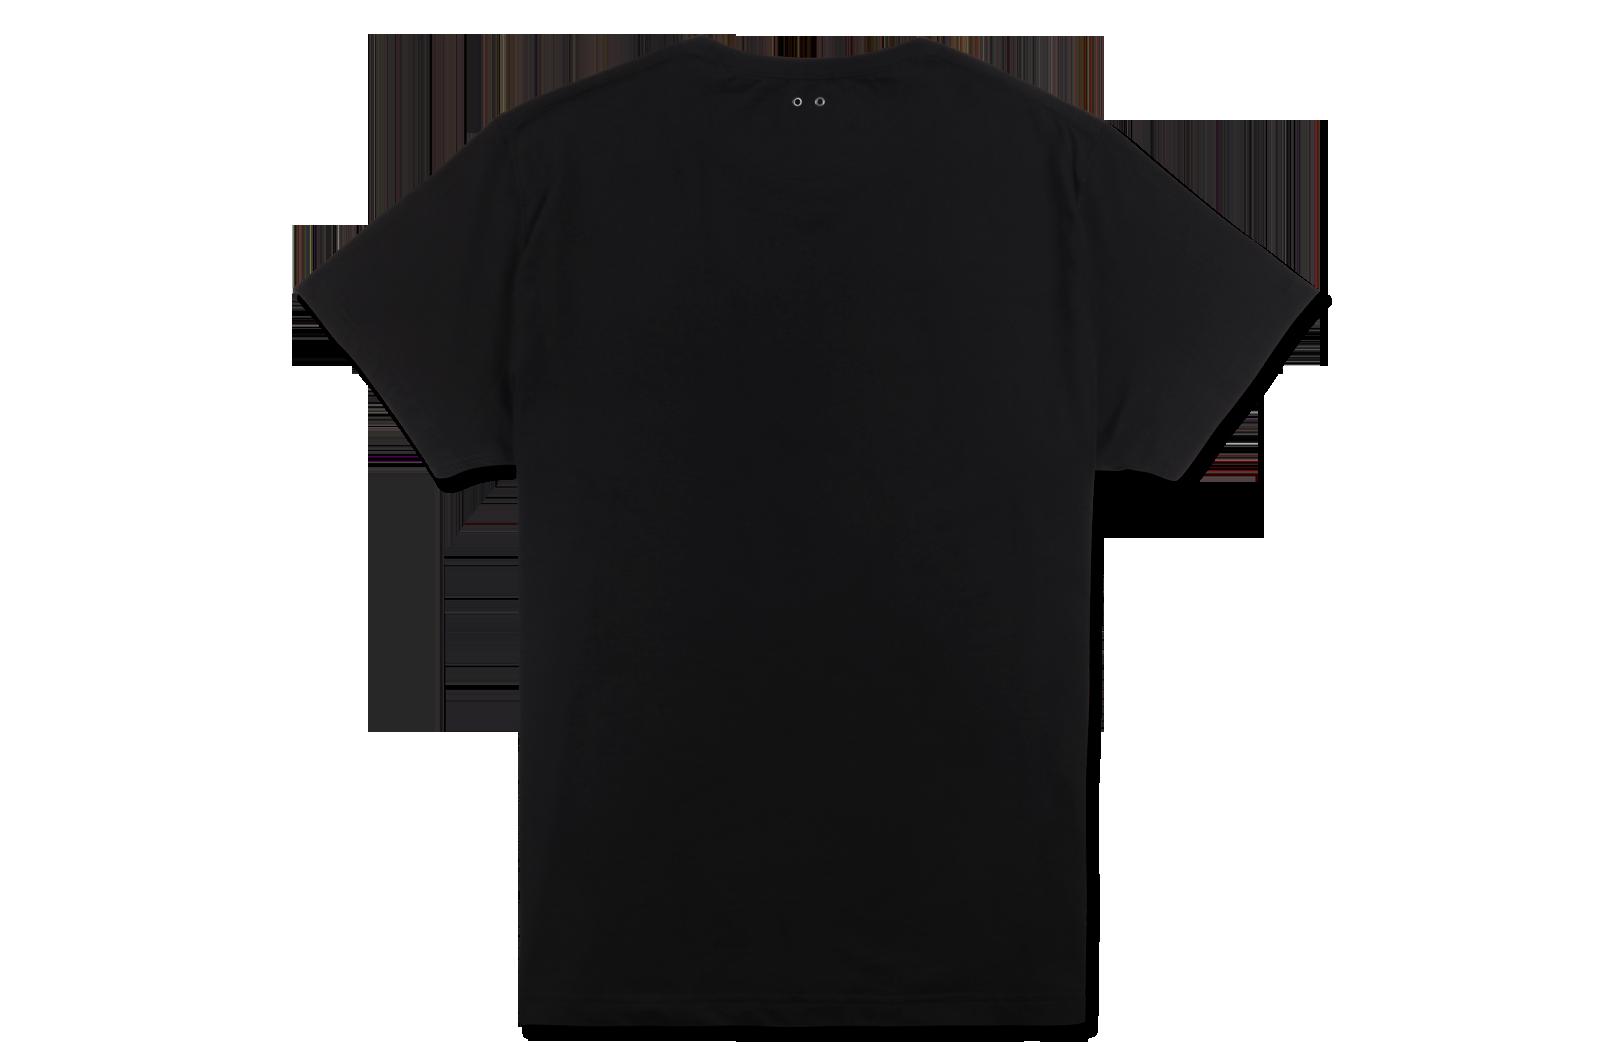 星箭logo短袖图案t恤,款式简约自然